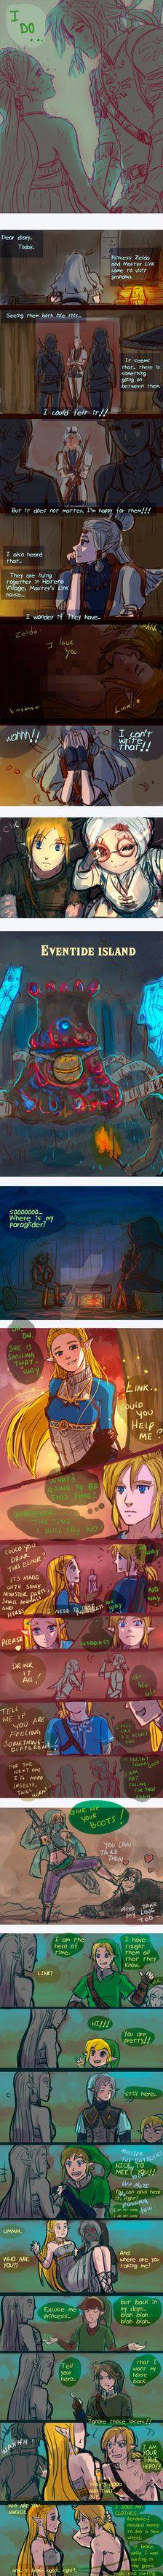 +(- The legend of Zelda doodles [15] -)+ (BOTW) by AngelJasiel